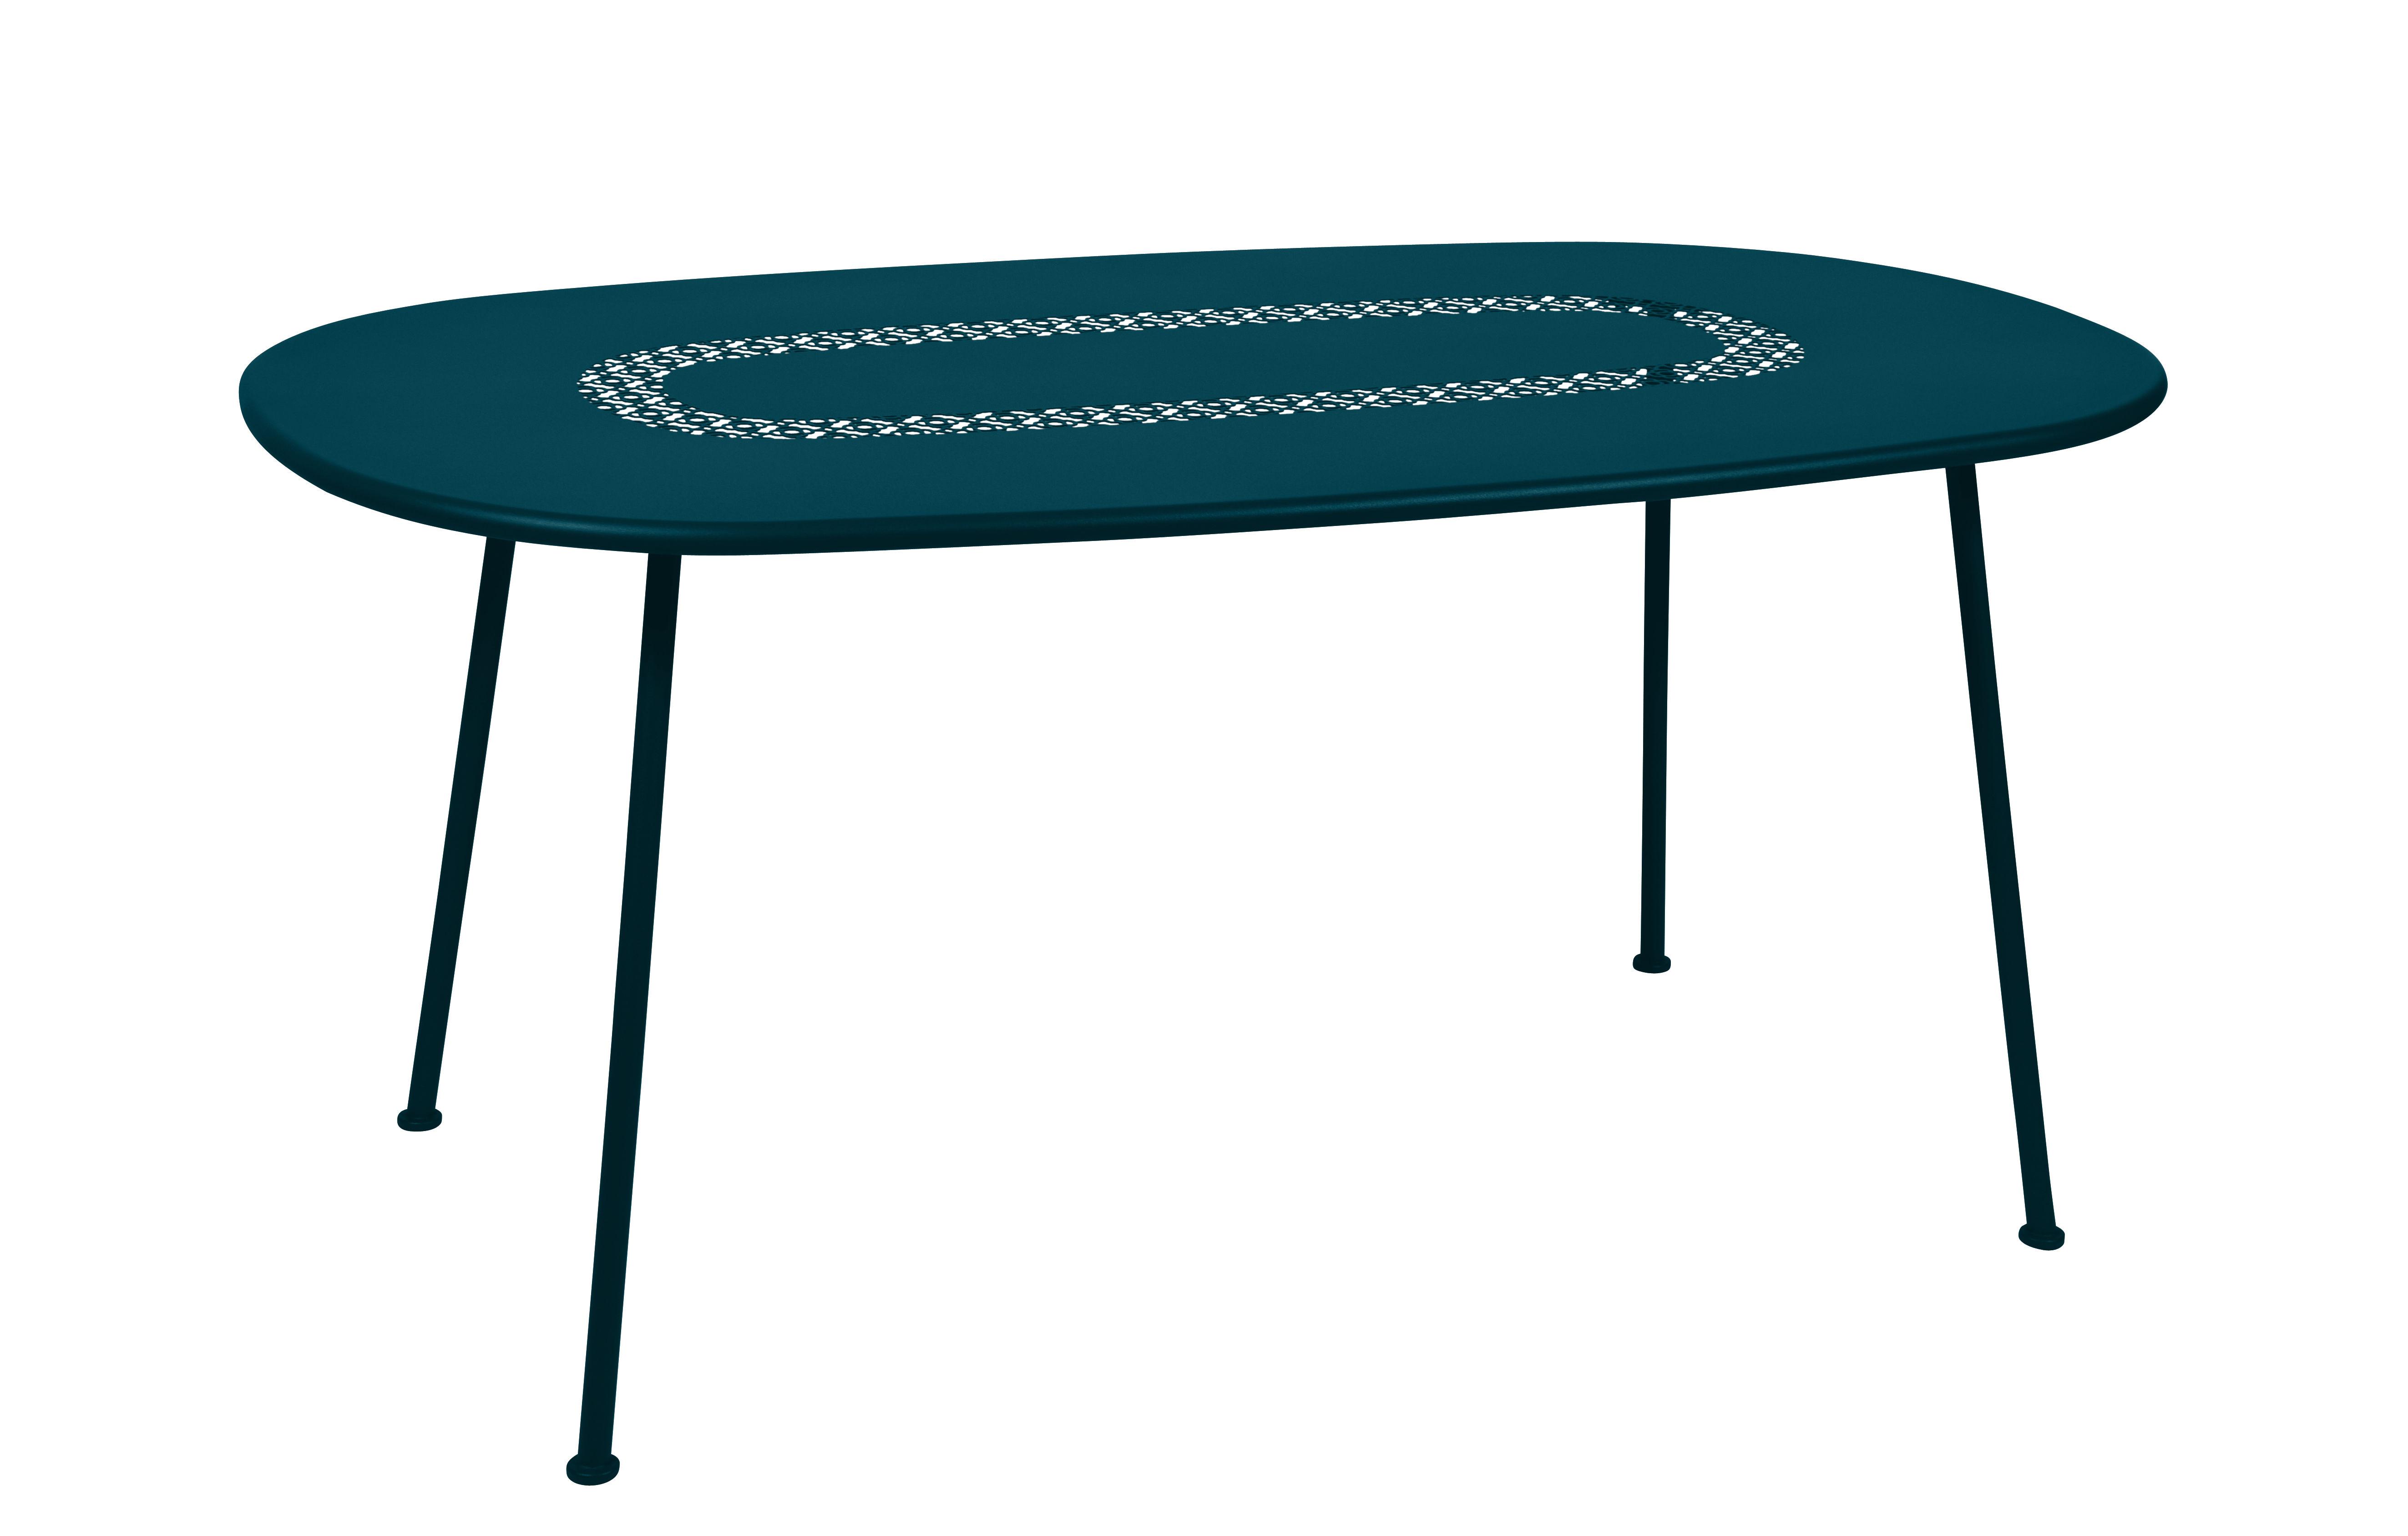 Table ovale Lorette Fermob - Bleu Acapulco - L 160 x l 90 x h 74 ...